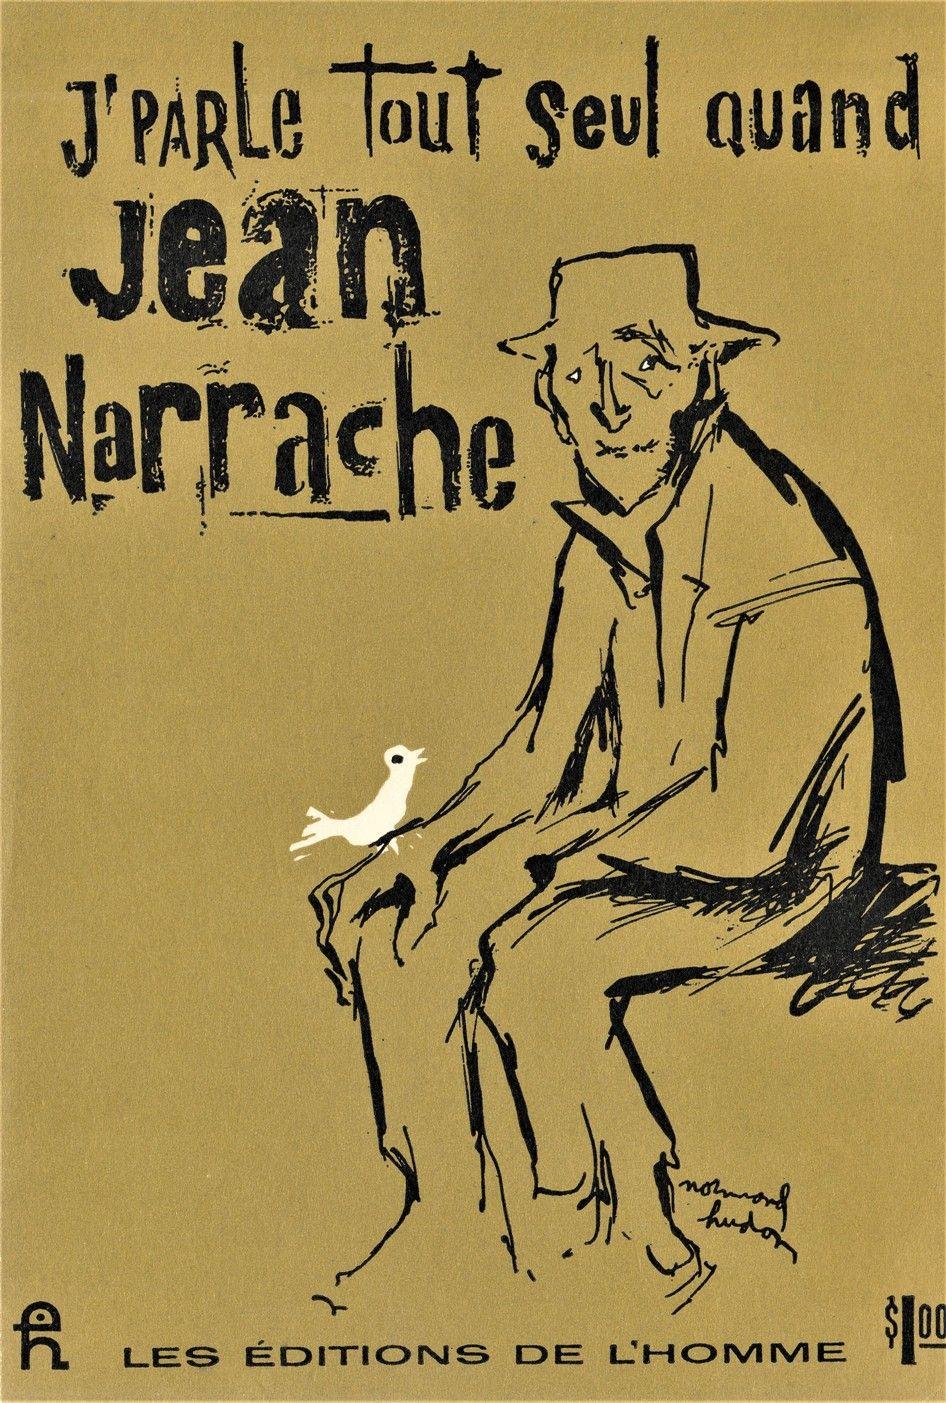 J'parle tout seul quand Jean Narrache - Émile Coderre